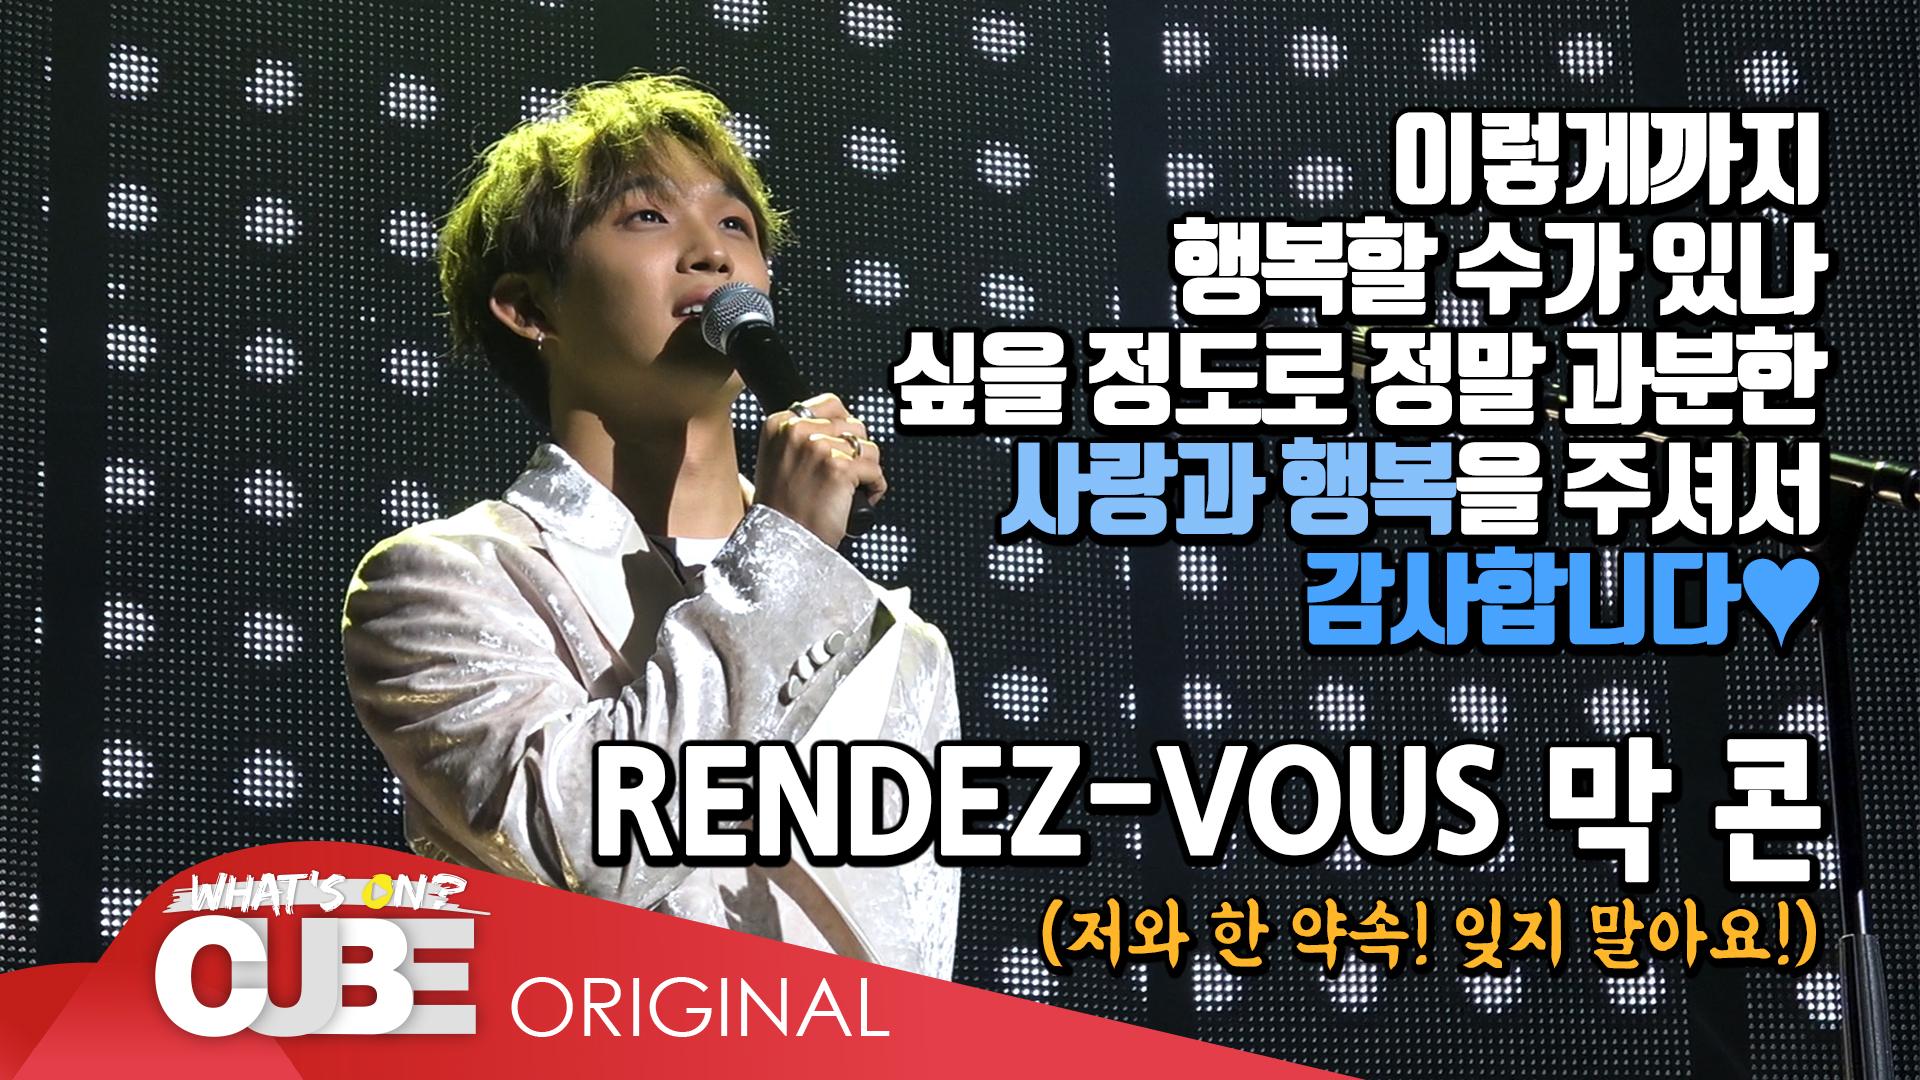 비투비 - 비트콤 #104 (현식 'RENDEZ-VOUS' 마지막 콘서트 비하인드)